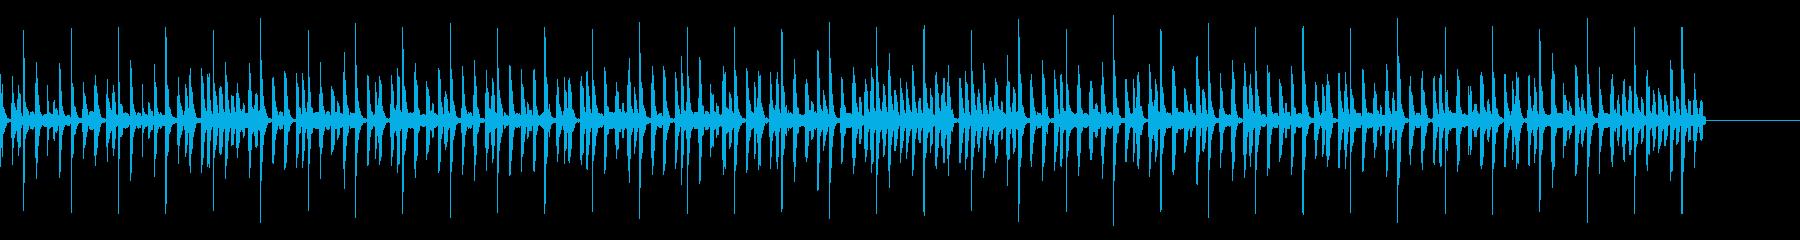 コミカルでおちゃらけたブギウギ調の再生済みの波形